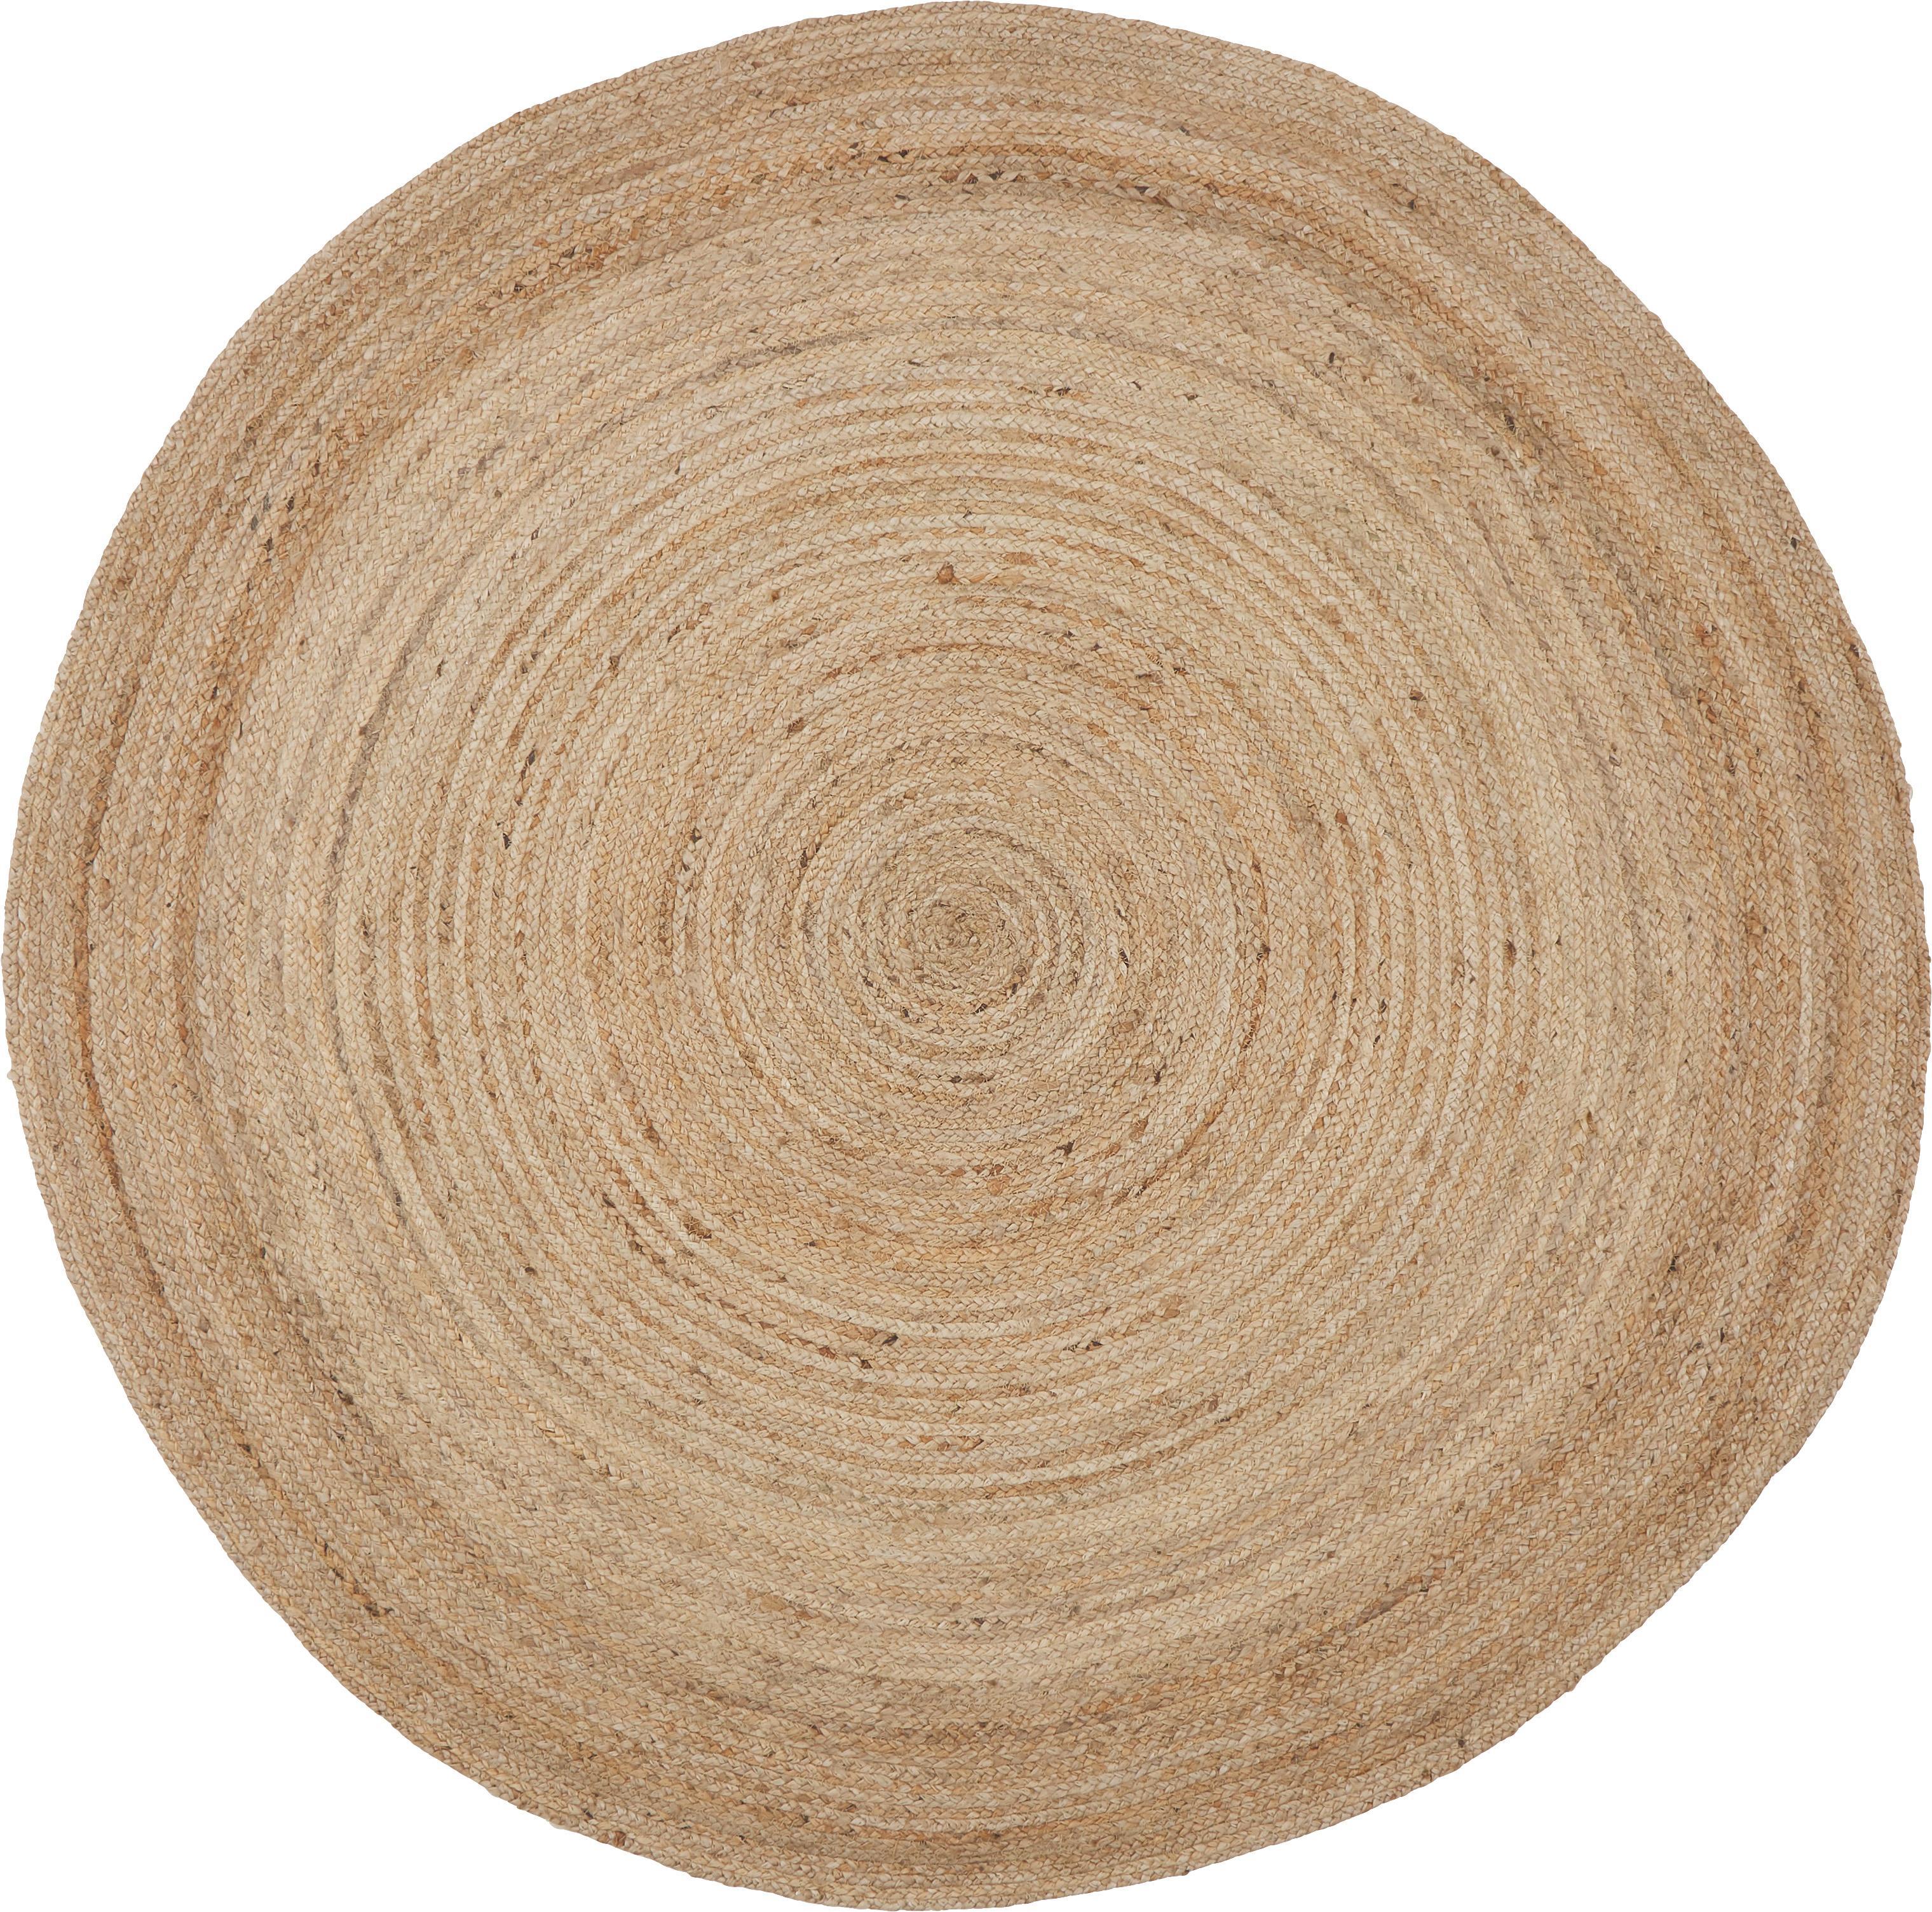 Runder Juteteppich Ural, 100% Jute, Beige, Ø 150 cm (Größe M)